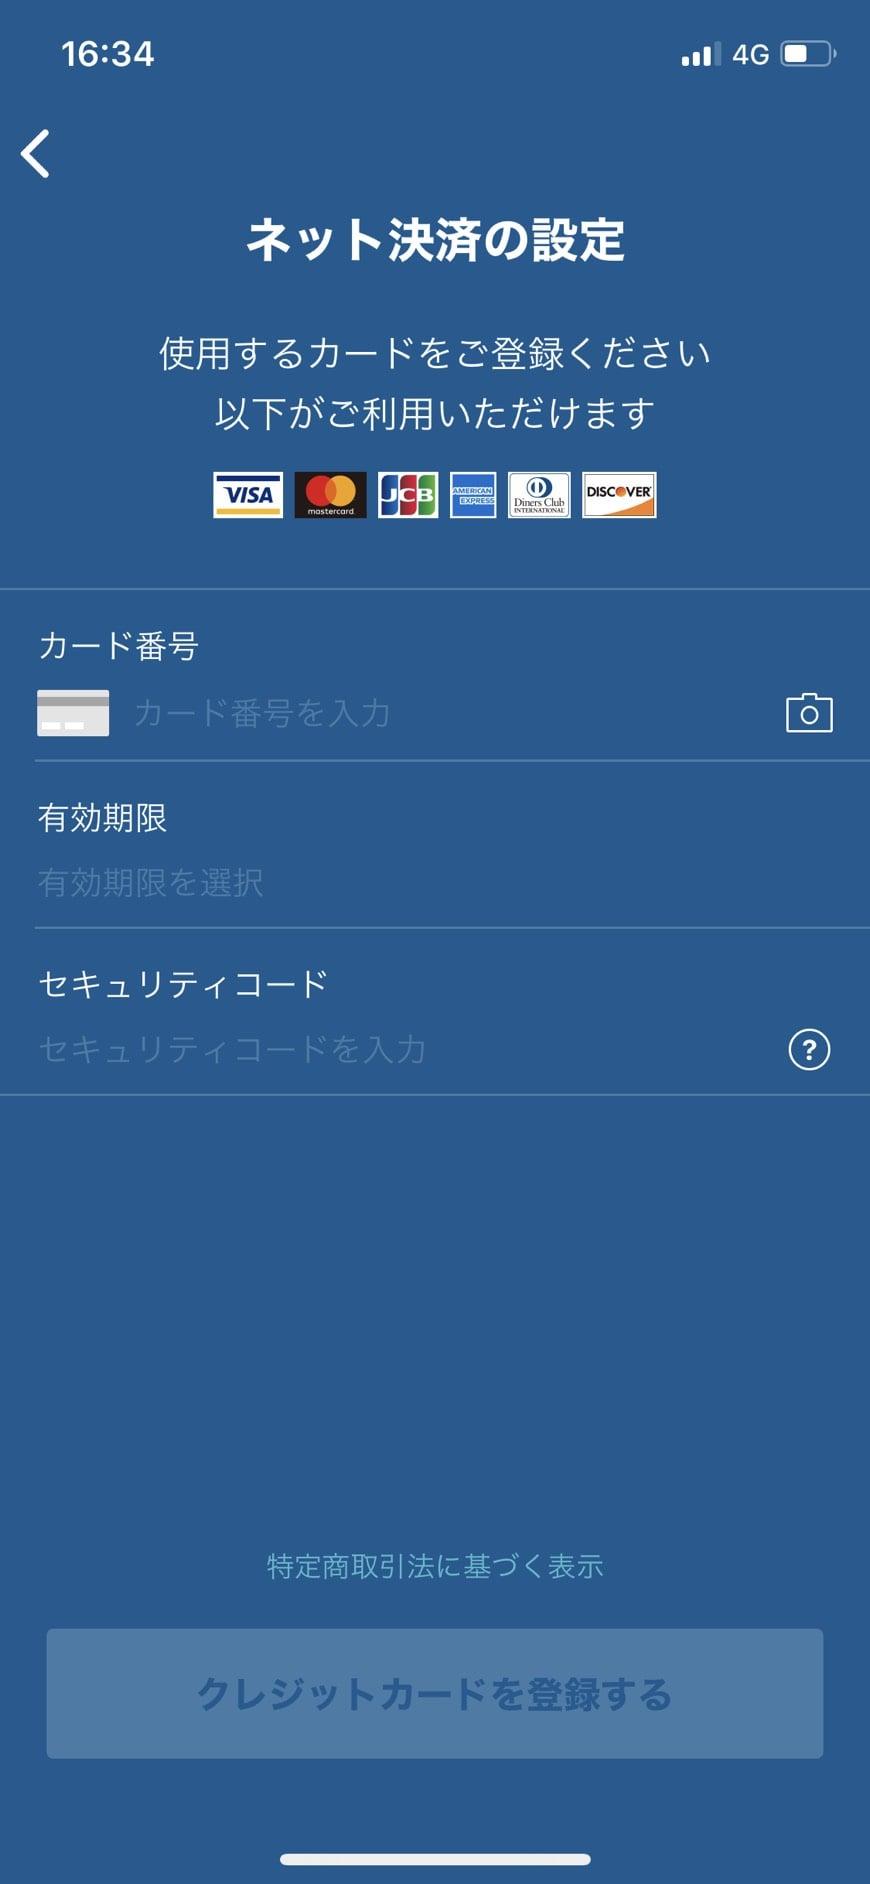 MOVアプリでクレジットカード情報を登録する